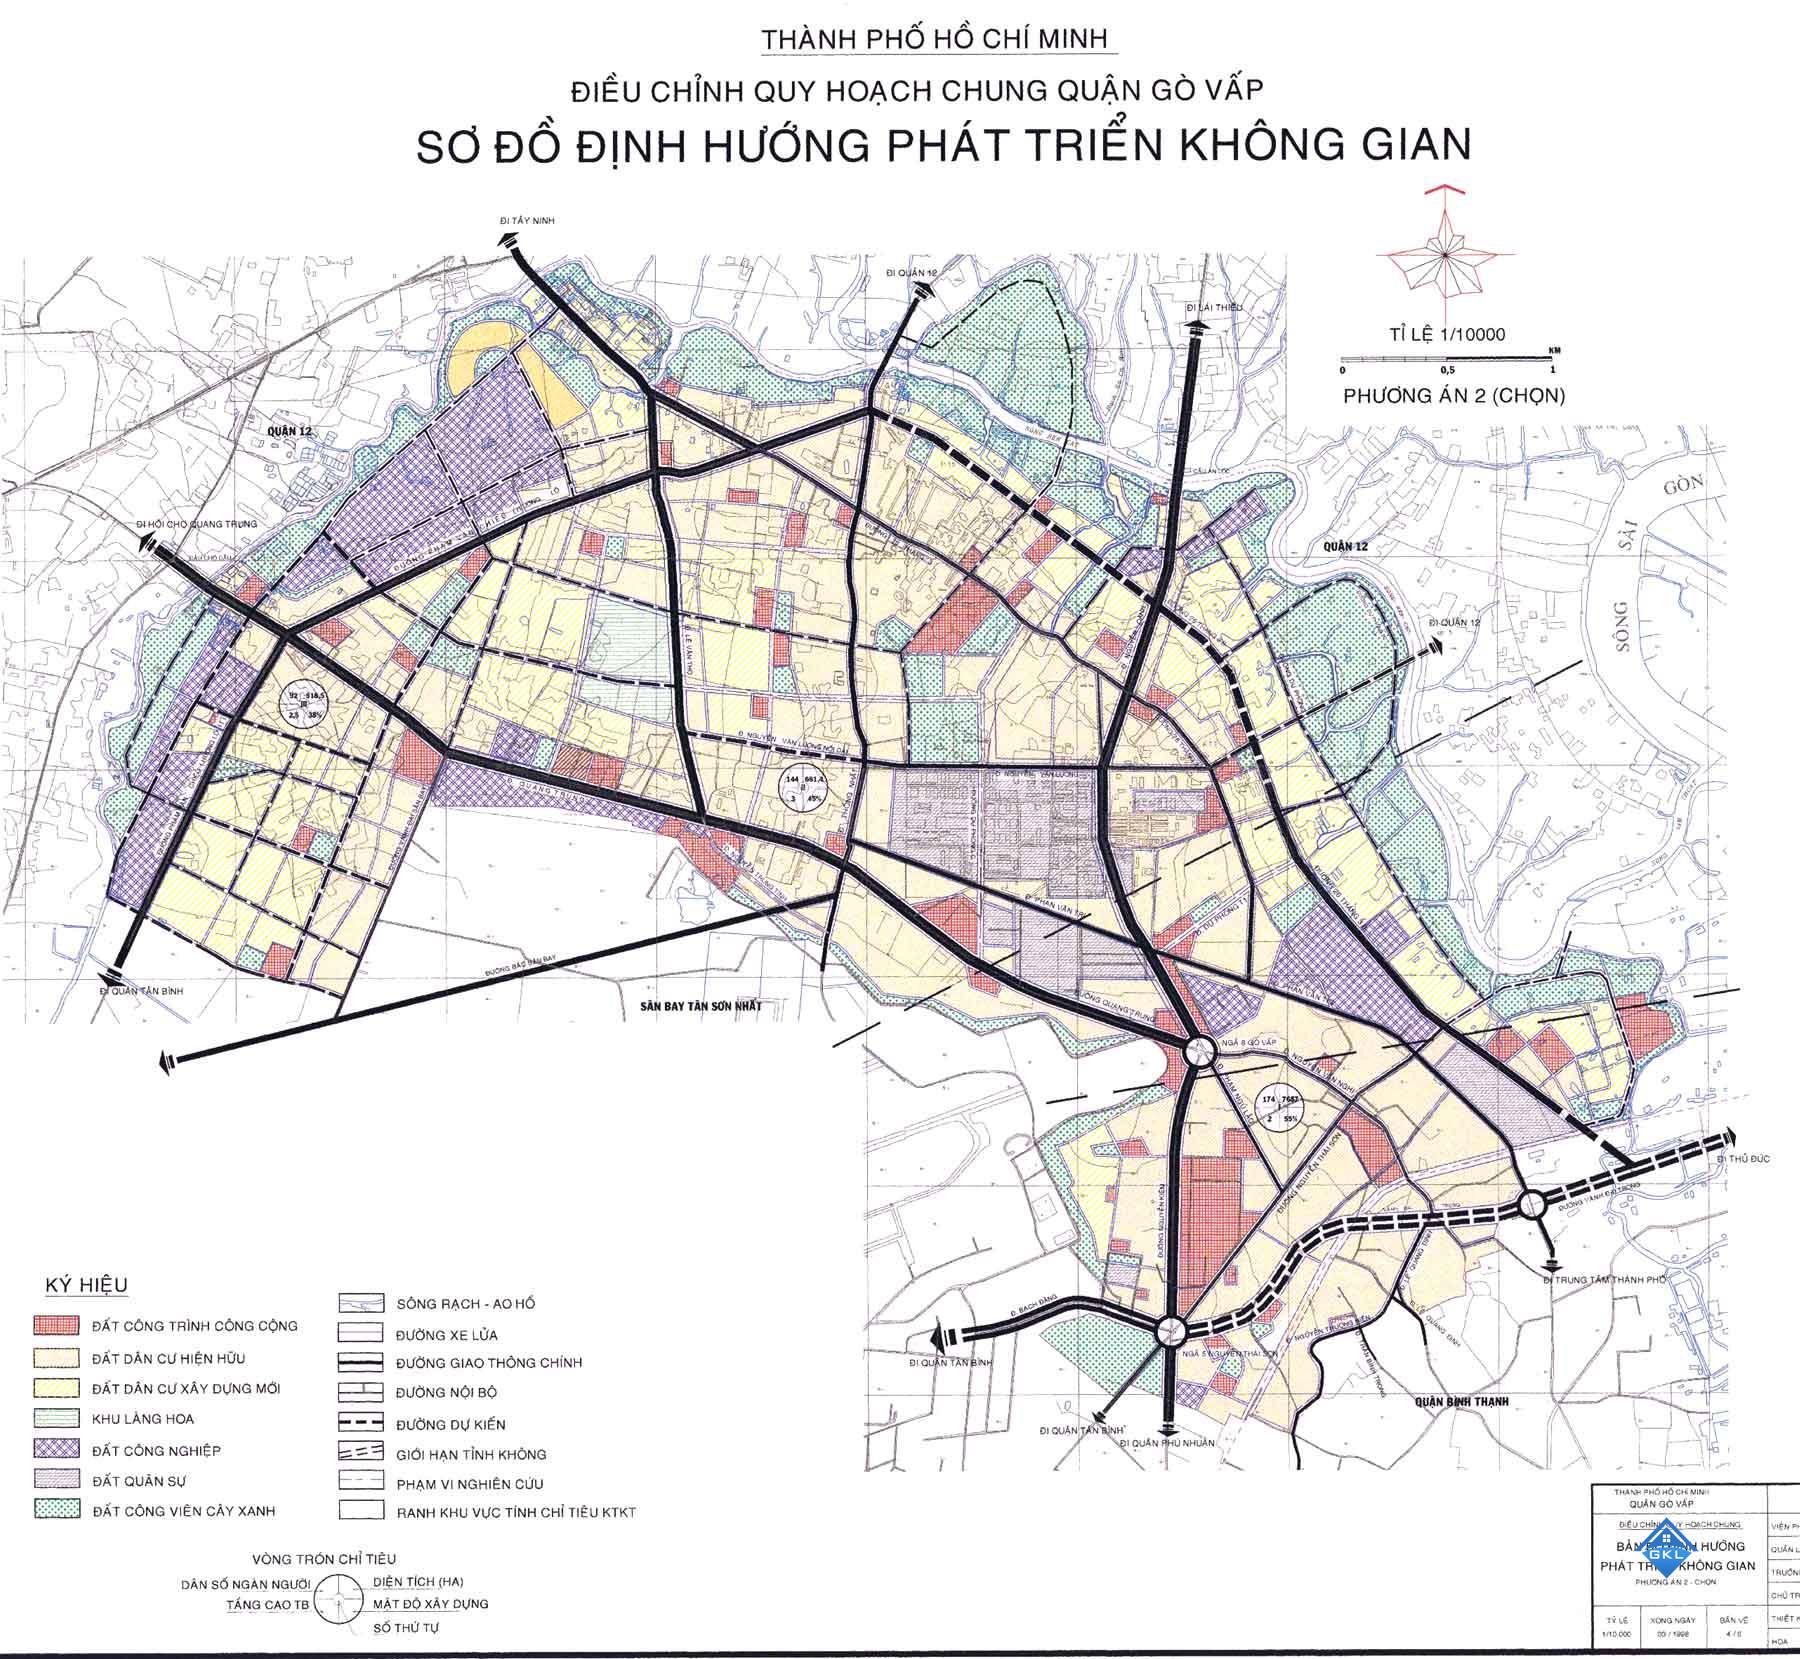 Bản đồ quy hoạch các dự án Quận Gò Vấp mới nhất và các Phường Quận Gò Vấp